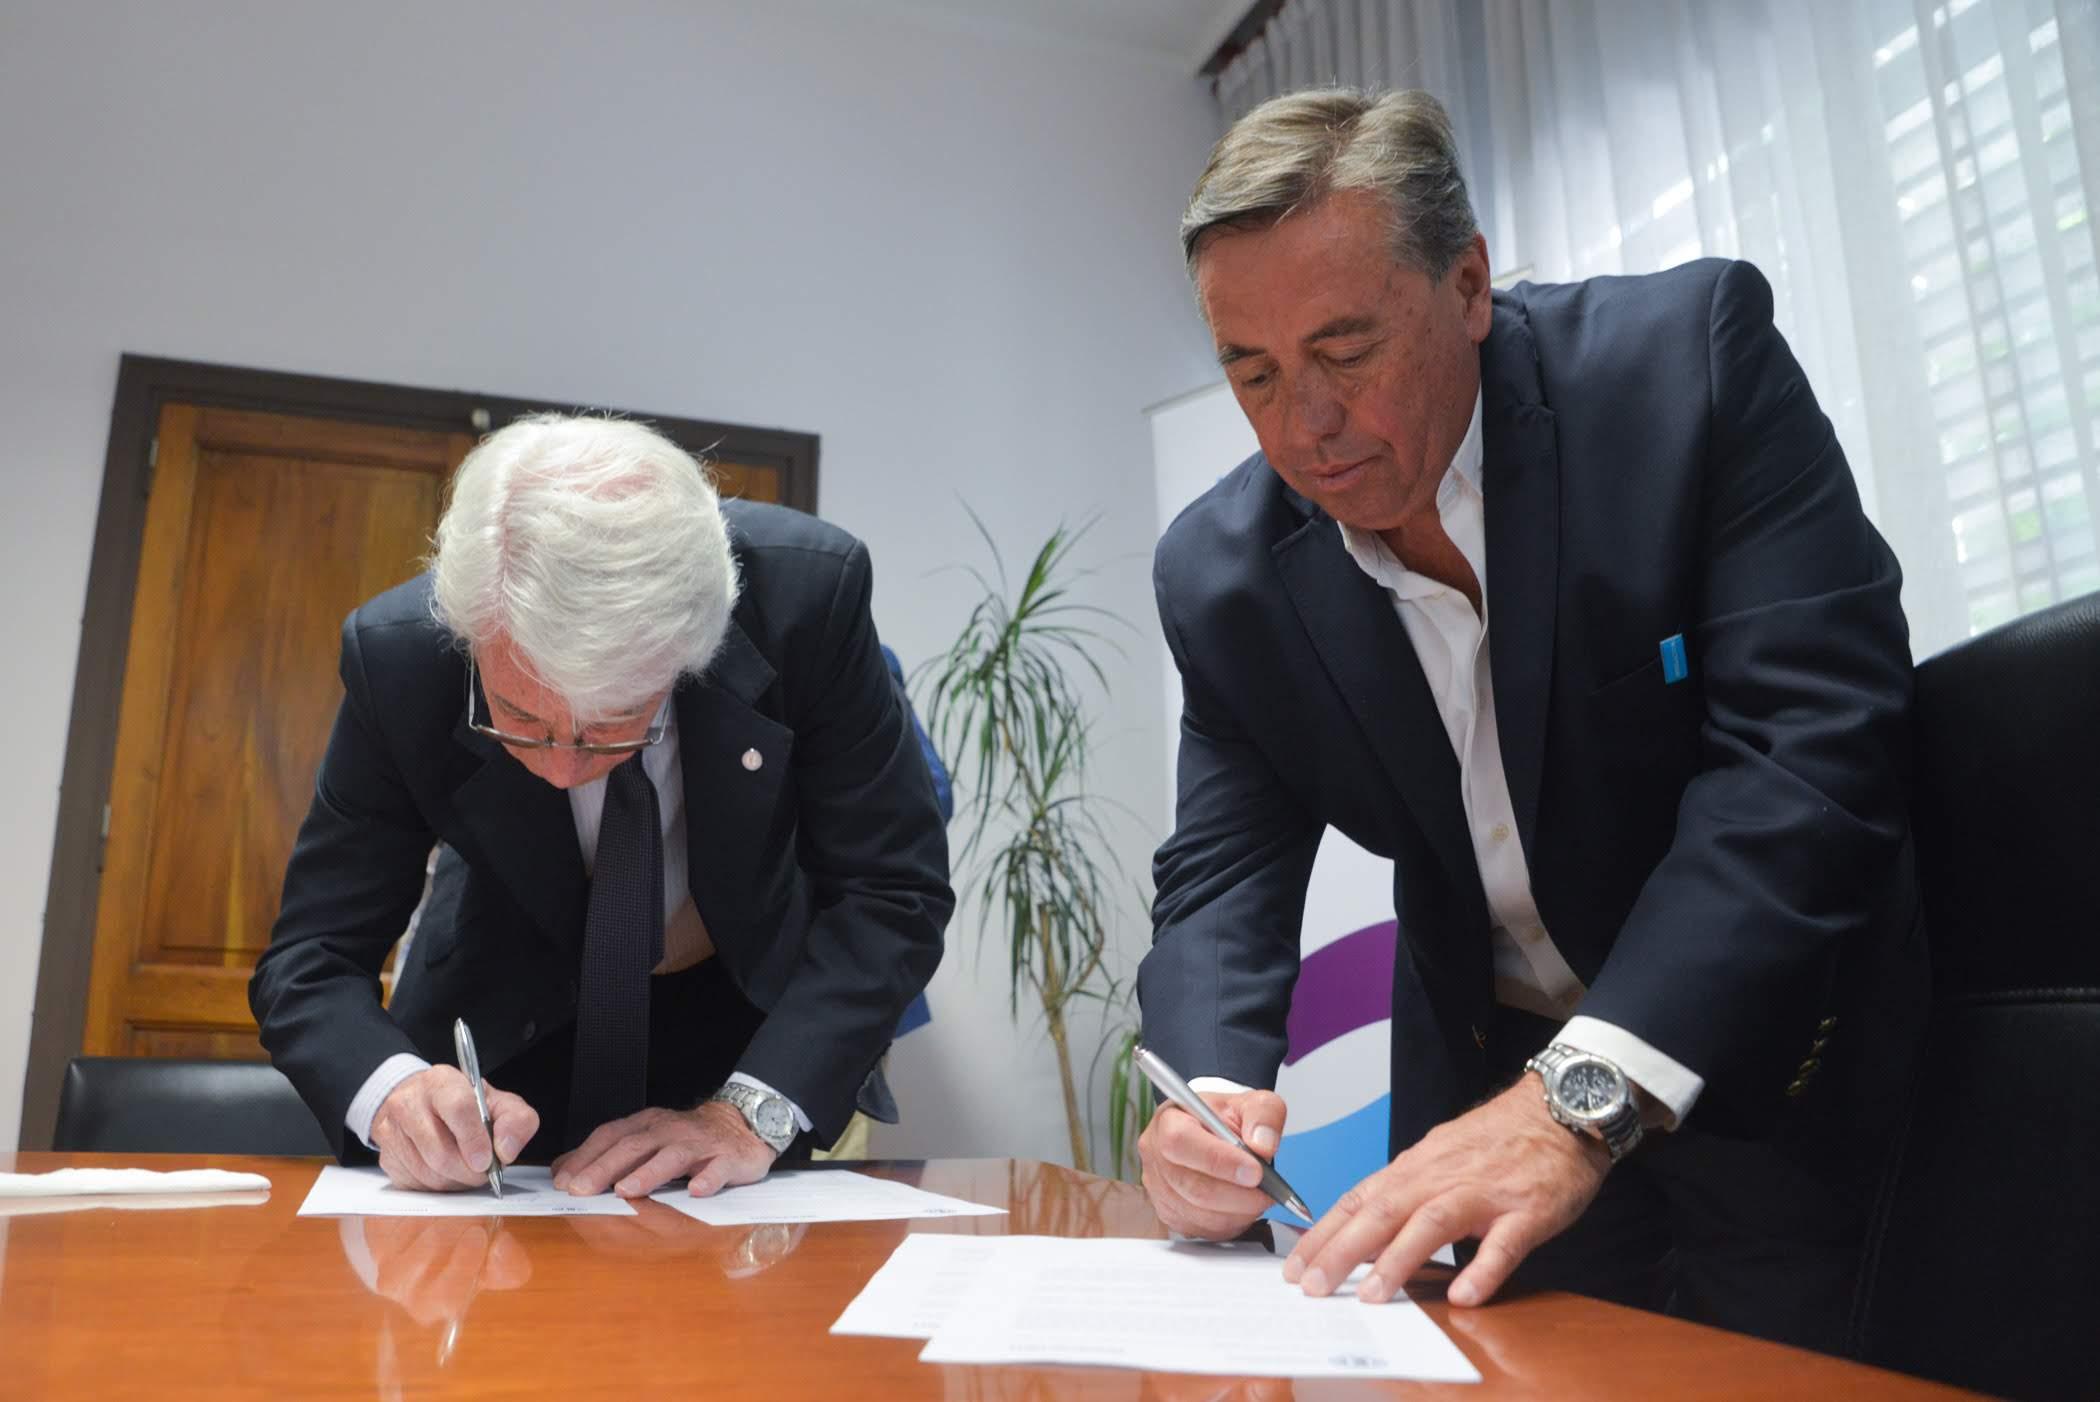 Irrigación y la Comisión Nacional de Energía Atómica firmaron un convenio de cooperación